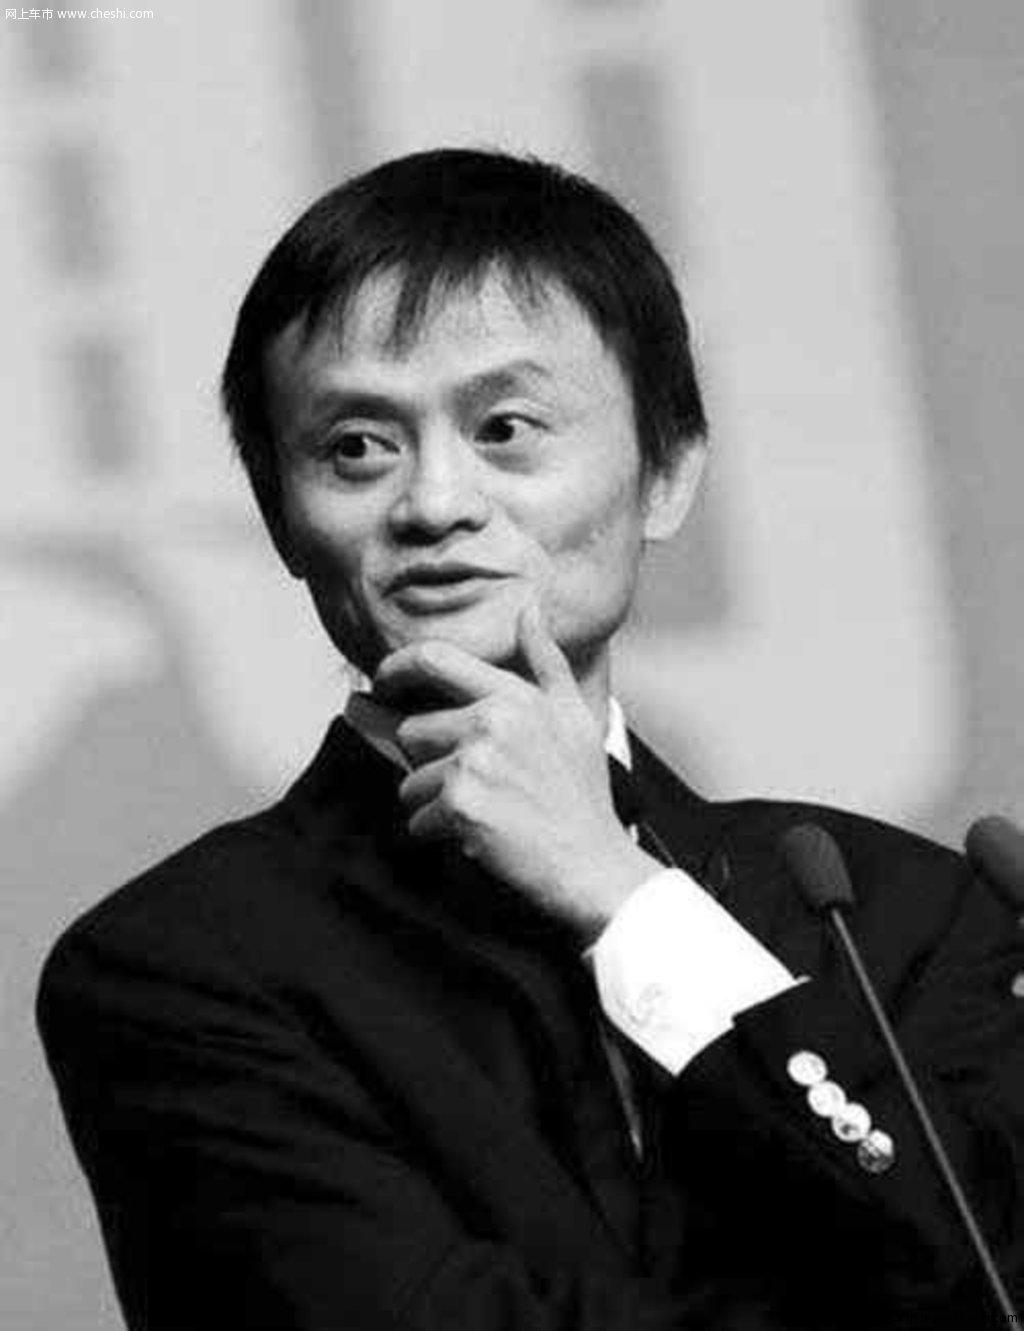 旁氏骗局与吴英案经济学阐释之公益 - 徐斌 - 徐斌的博客